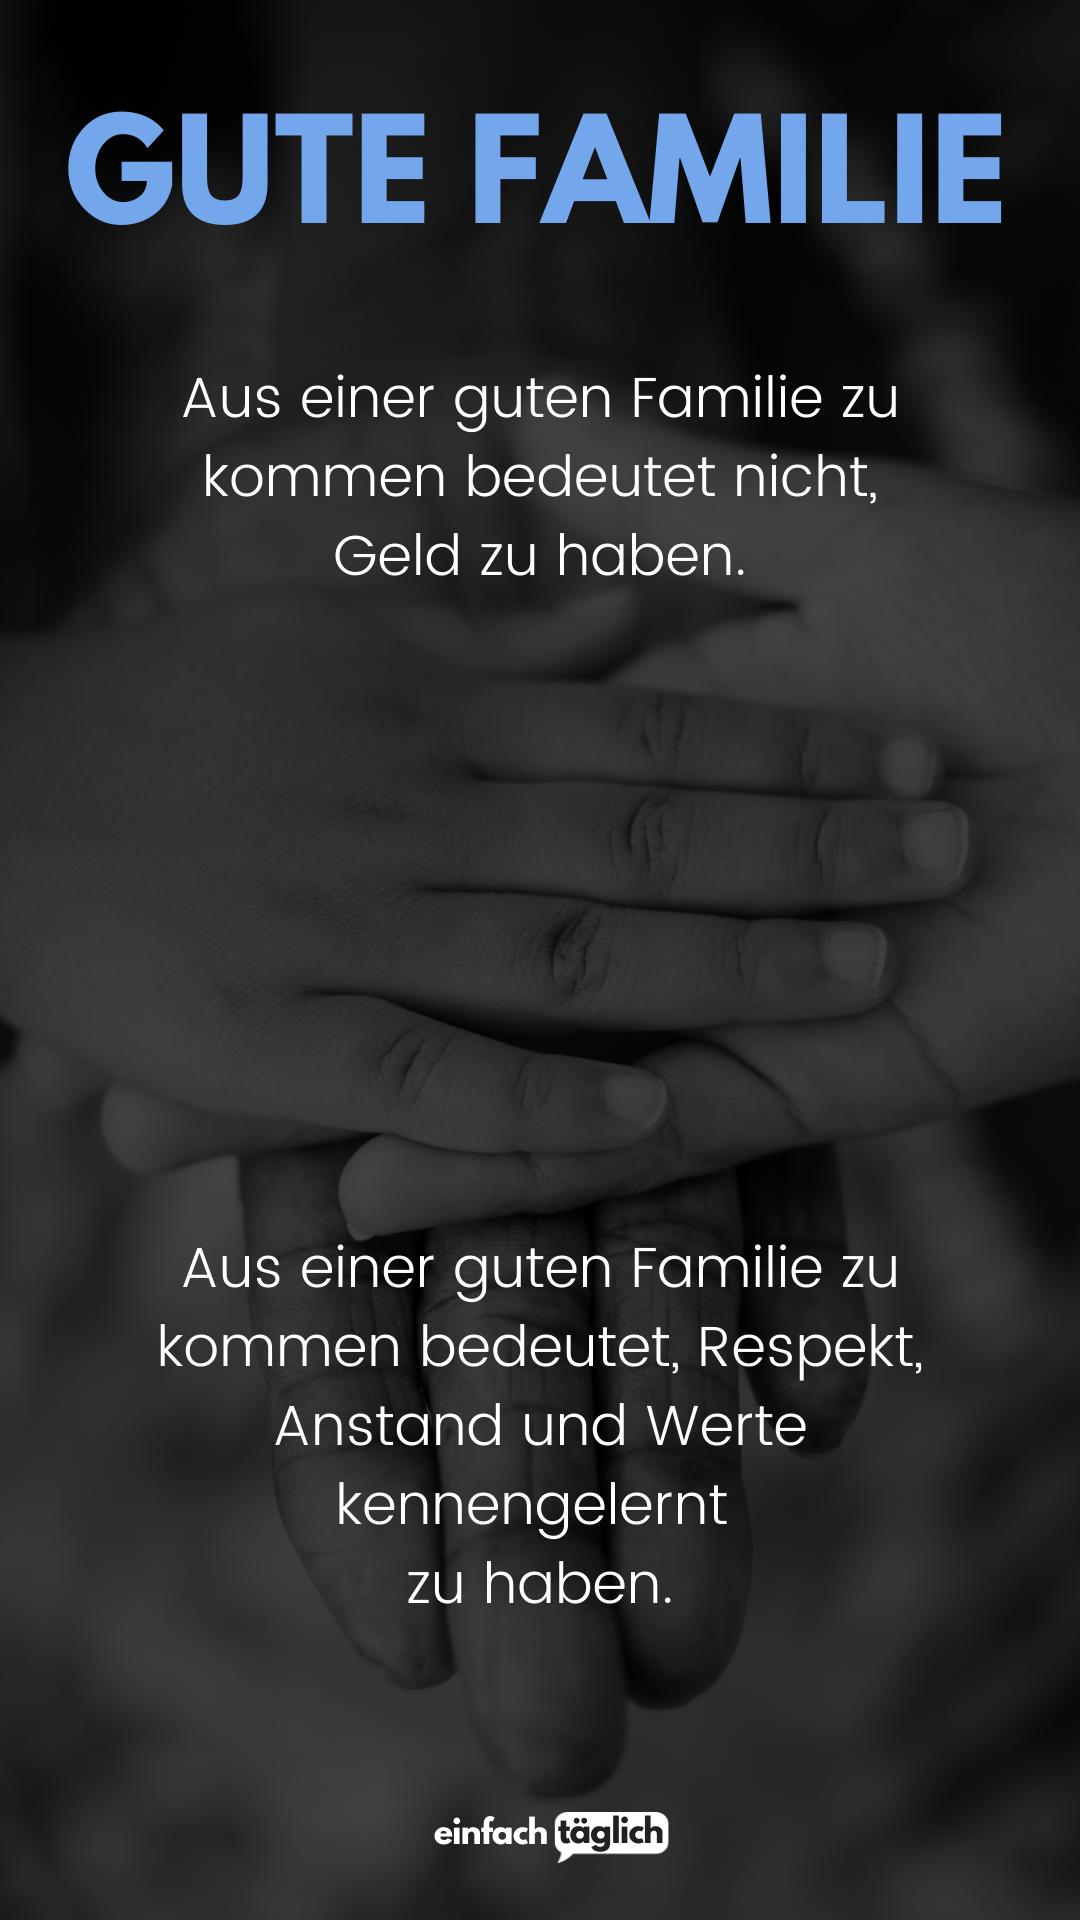 GUTE FAMILIE | Tröstende worte, Respekt zitate